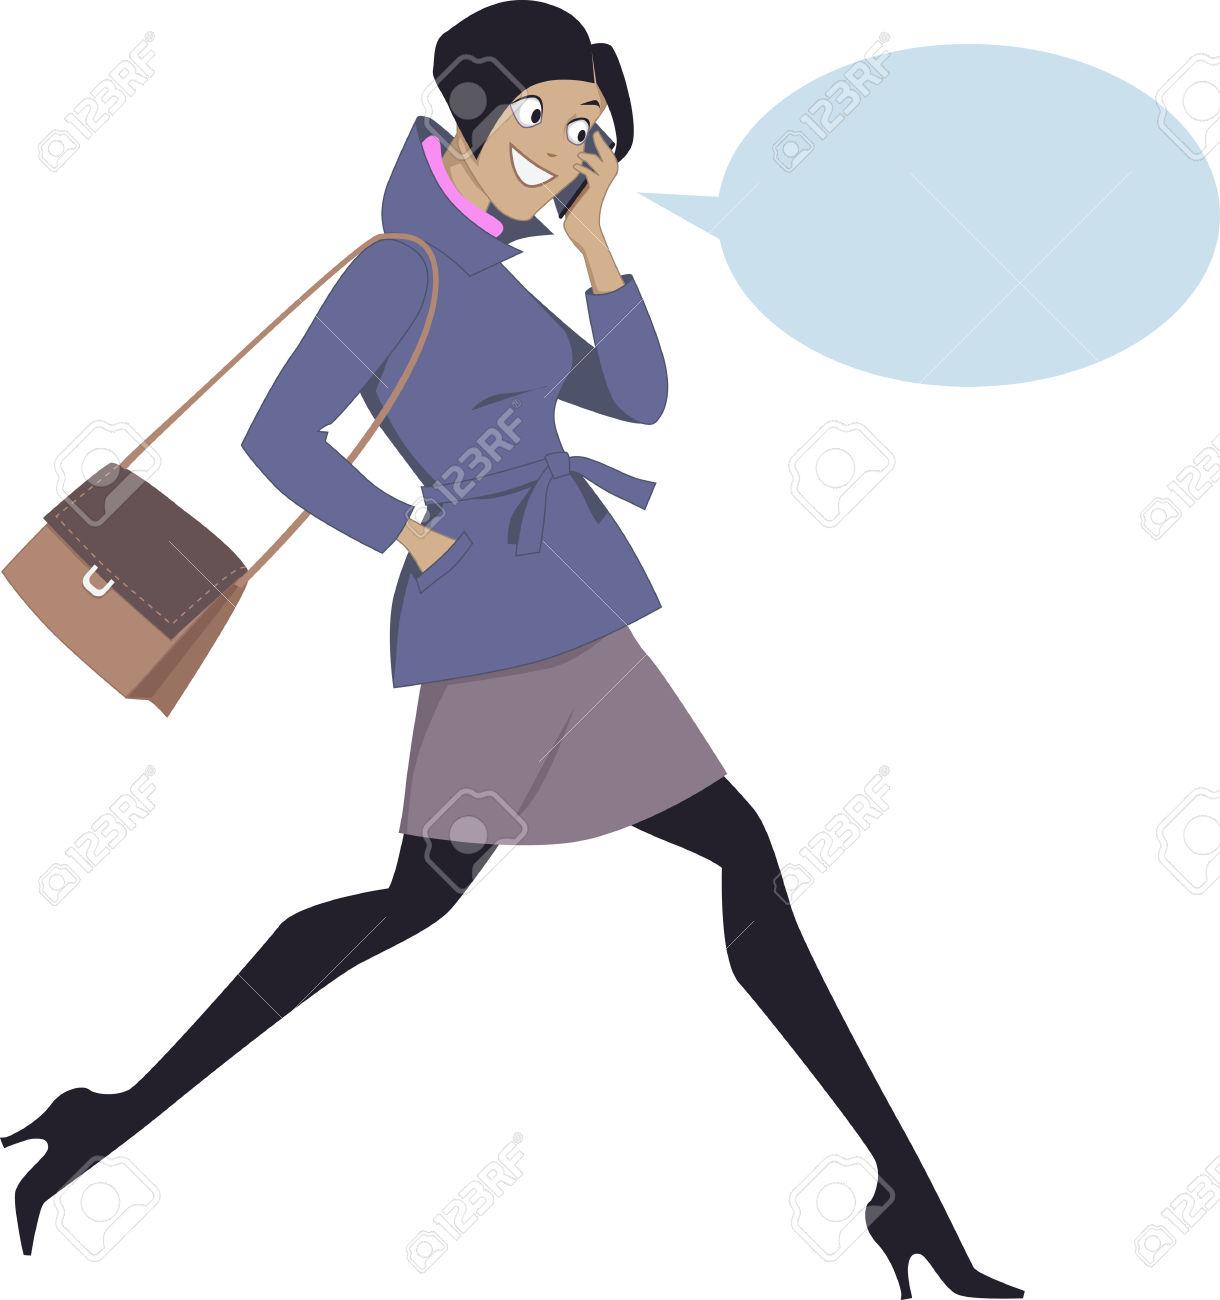 34004231-Jeune-femme-nergique-marcher-et-parler-sur-un-t-l-phone-cellulaire-isol-sur-blanc-avec-une-bulle-Banque-d'images